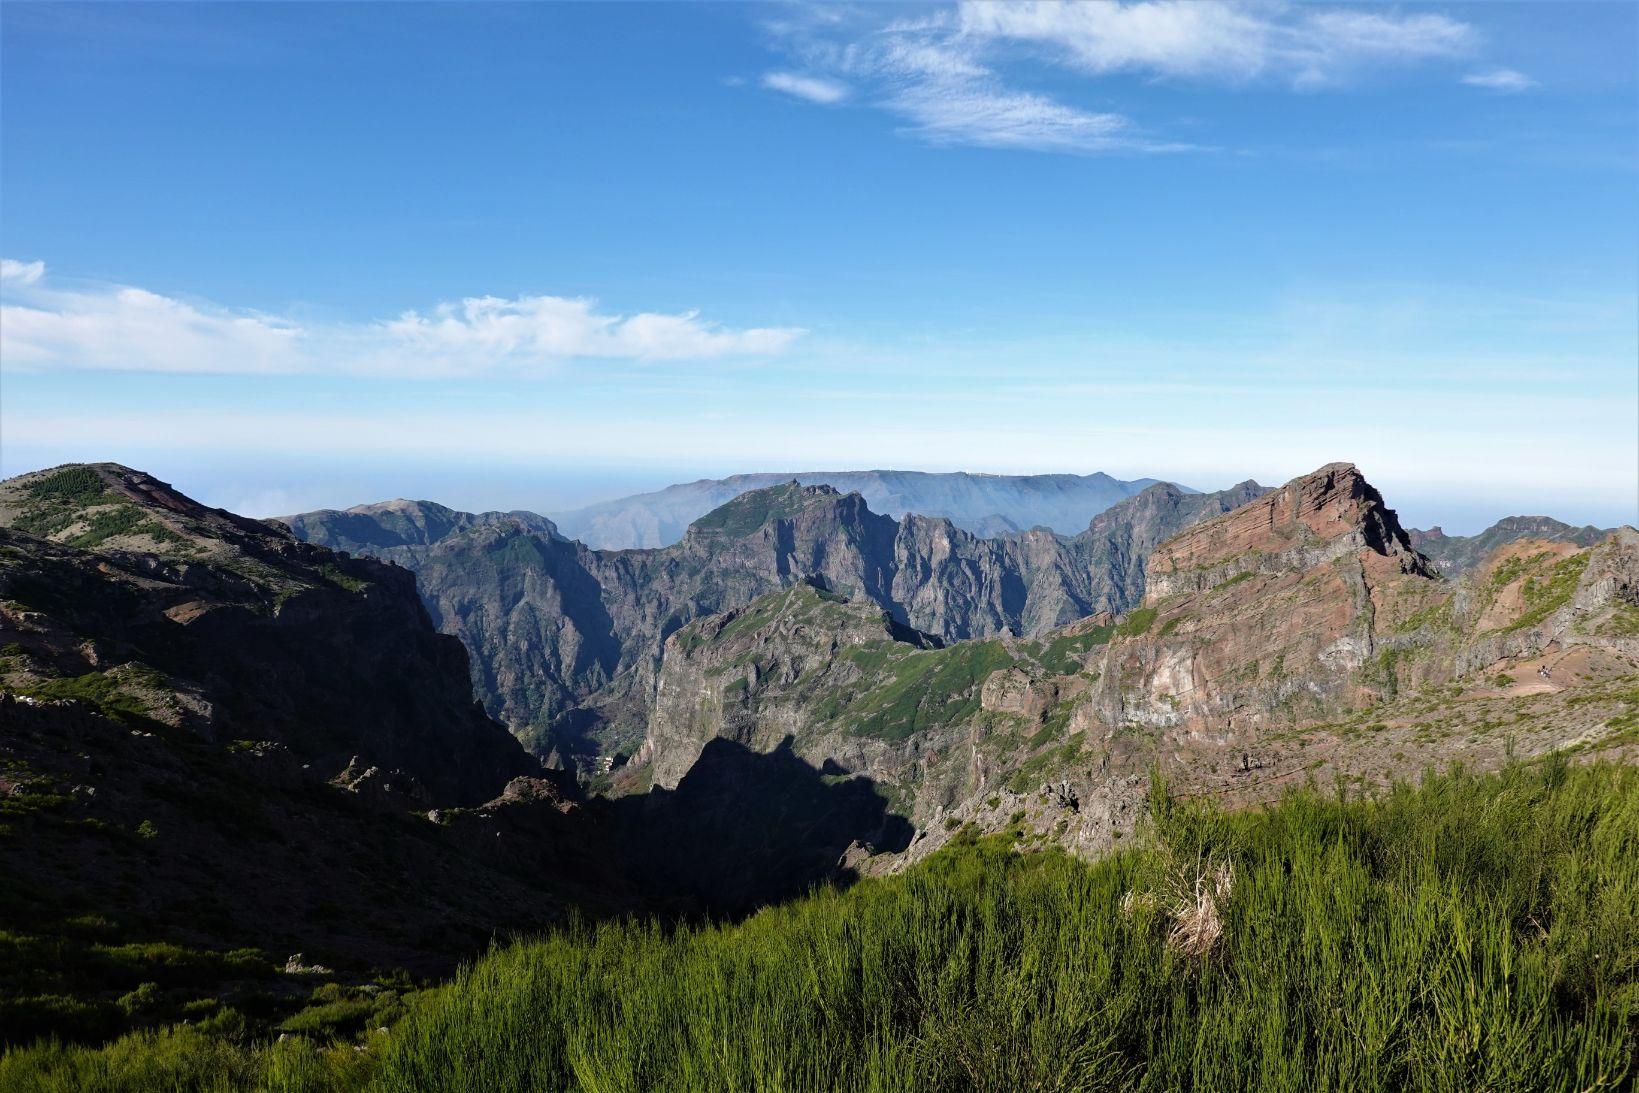 Madeirský centrální masiv - vrcholové partie Madeiry